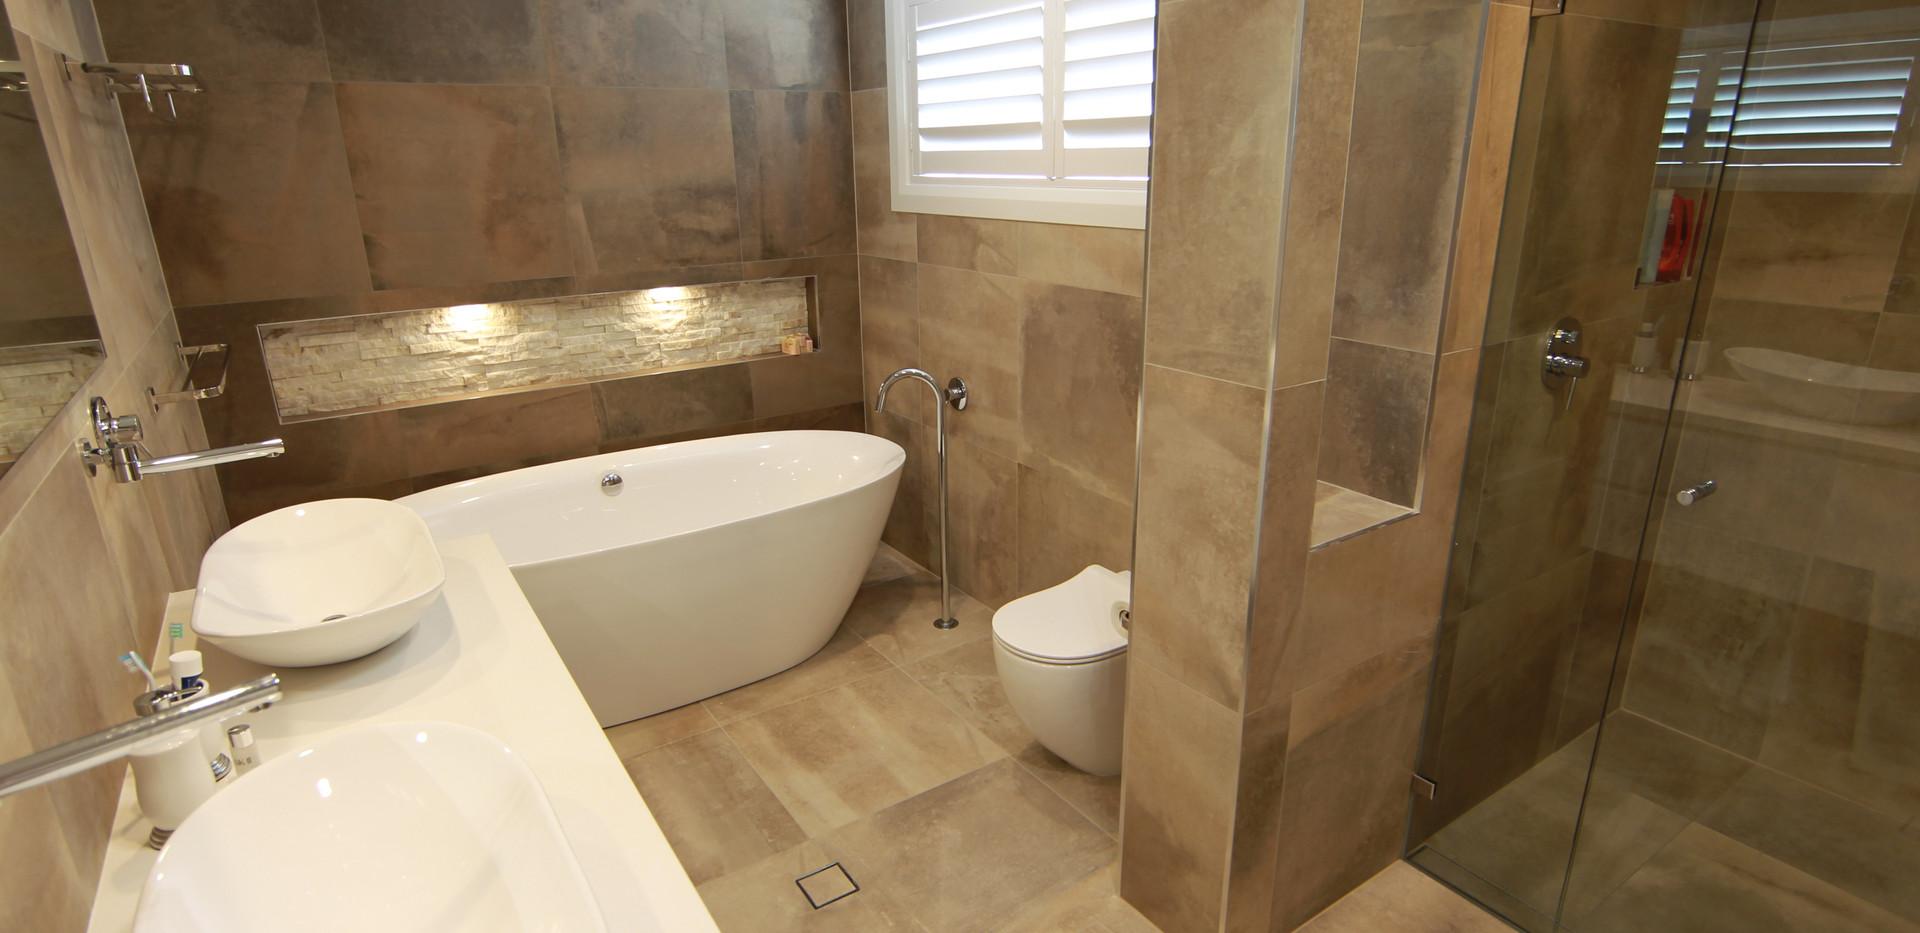 N.Bay bath 1.JPG